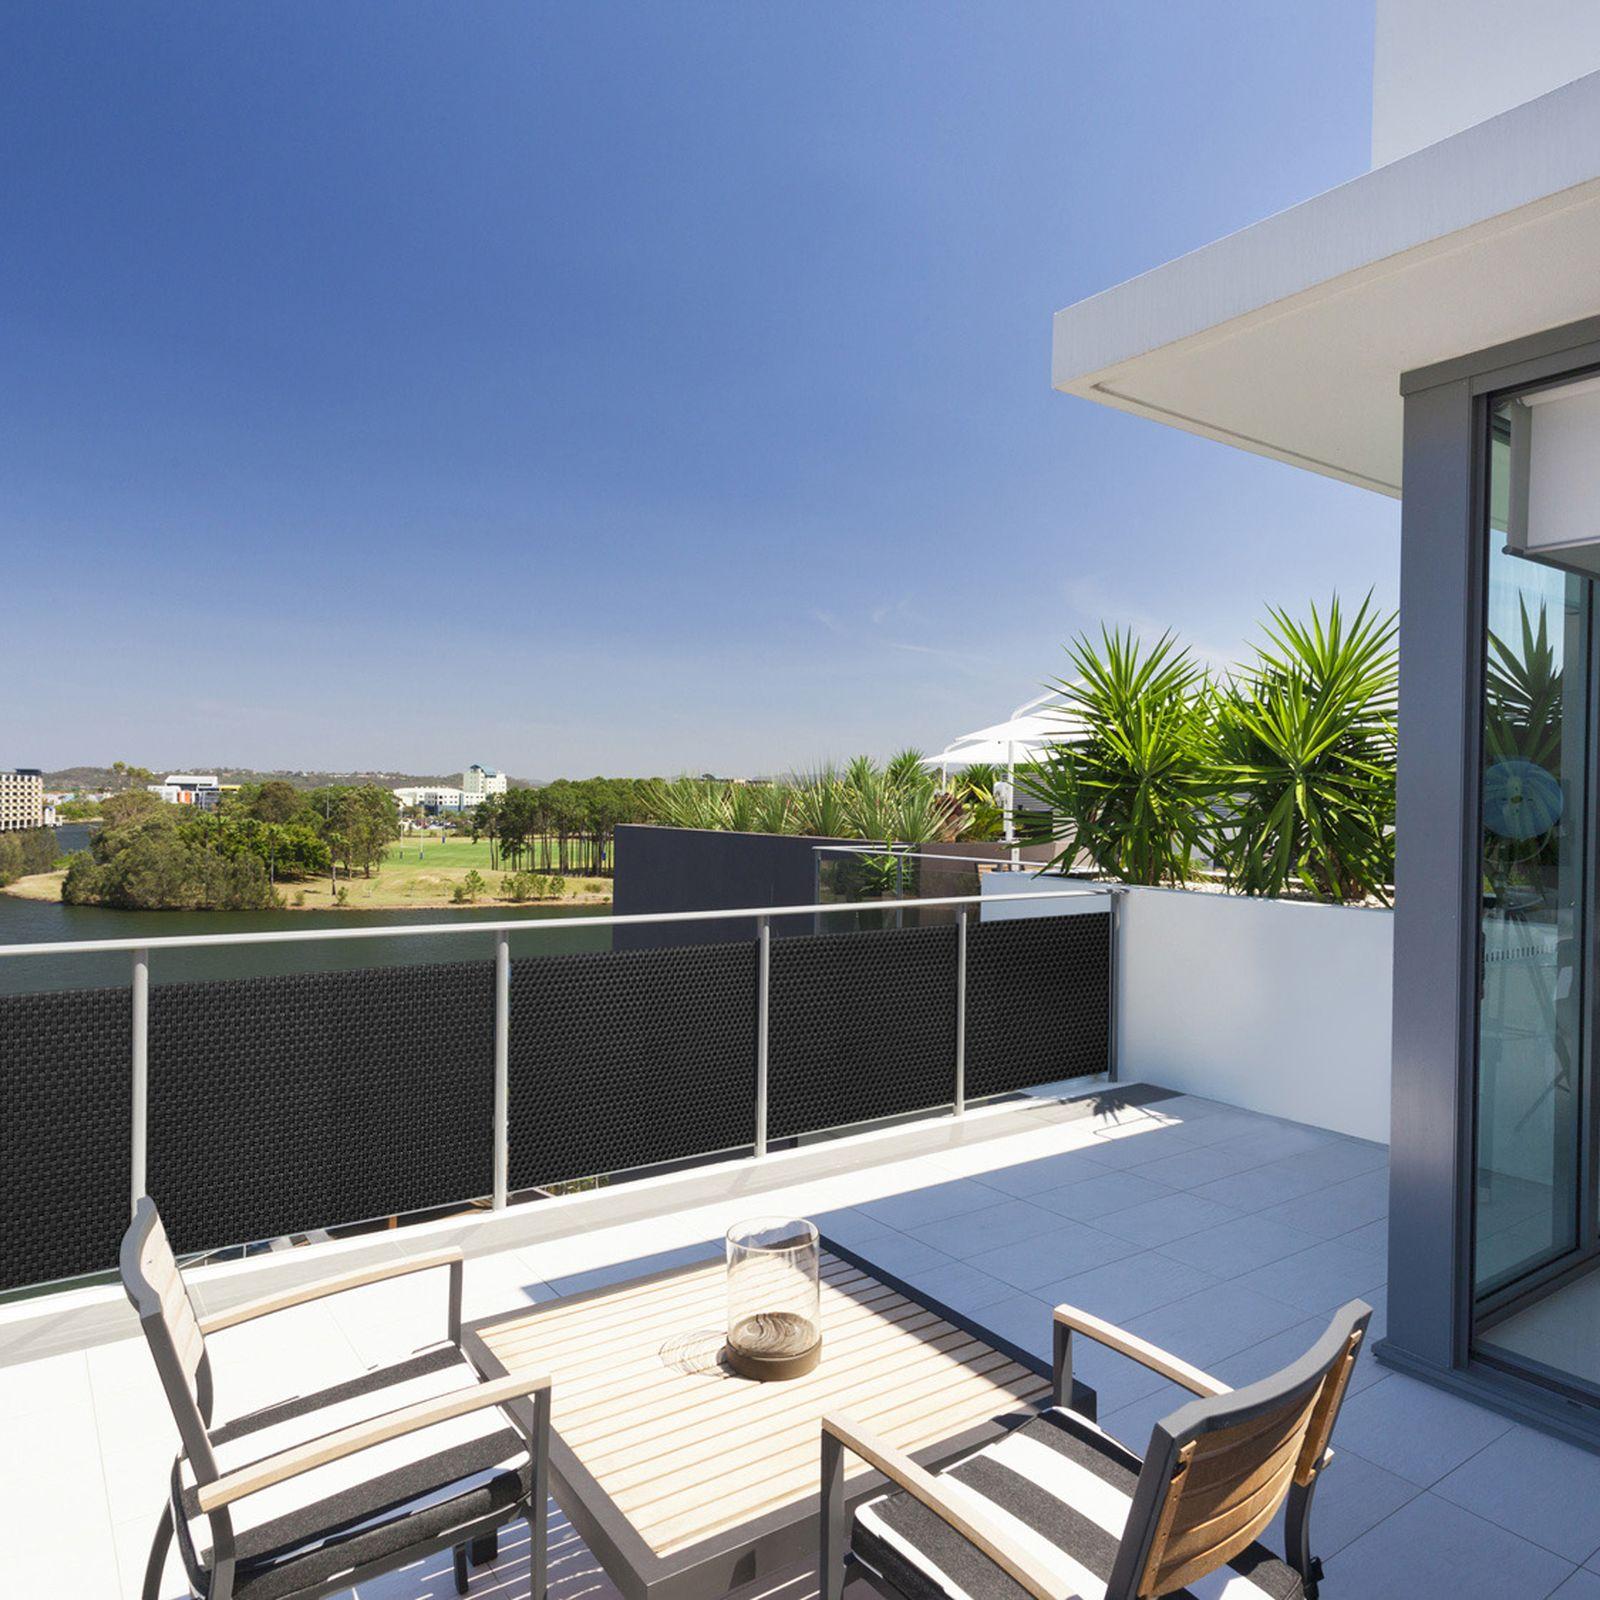 Osłona balkonowa Tress 1 x 3 m szara PATIO